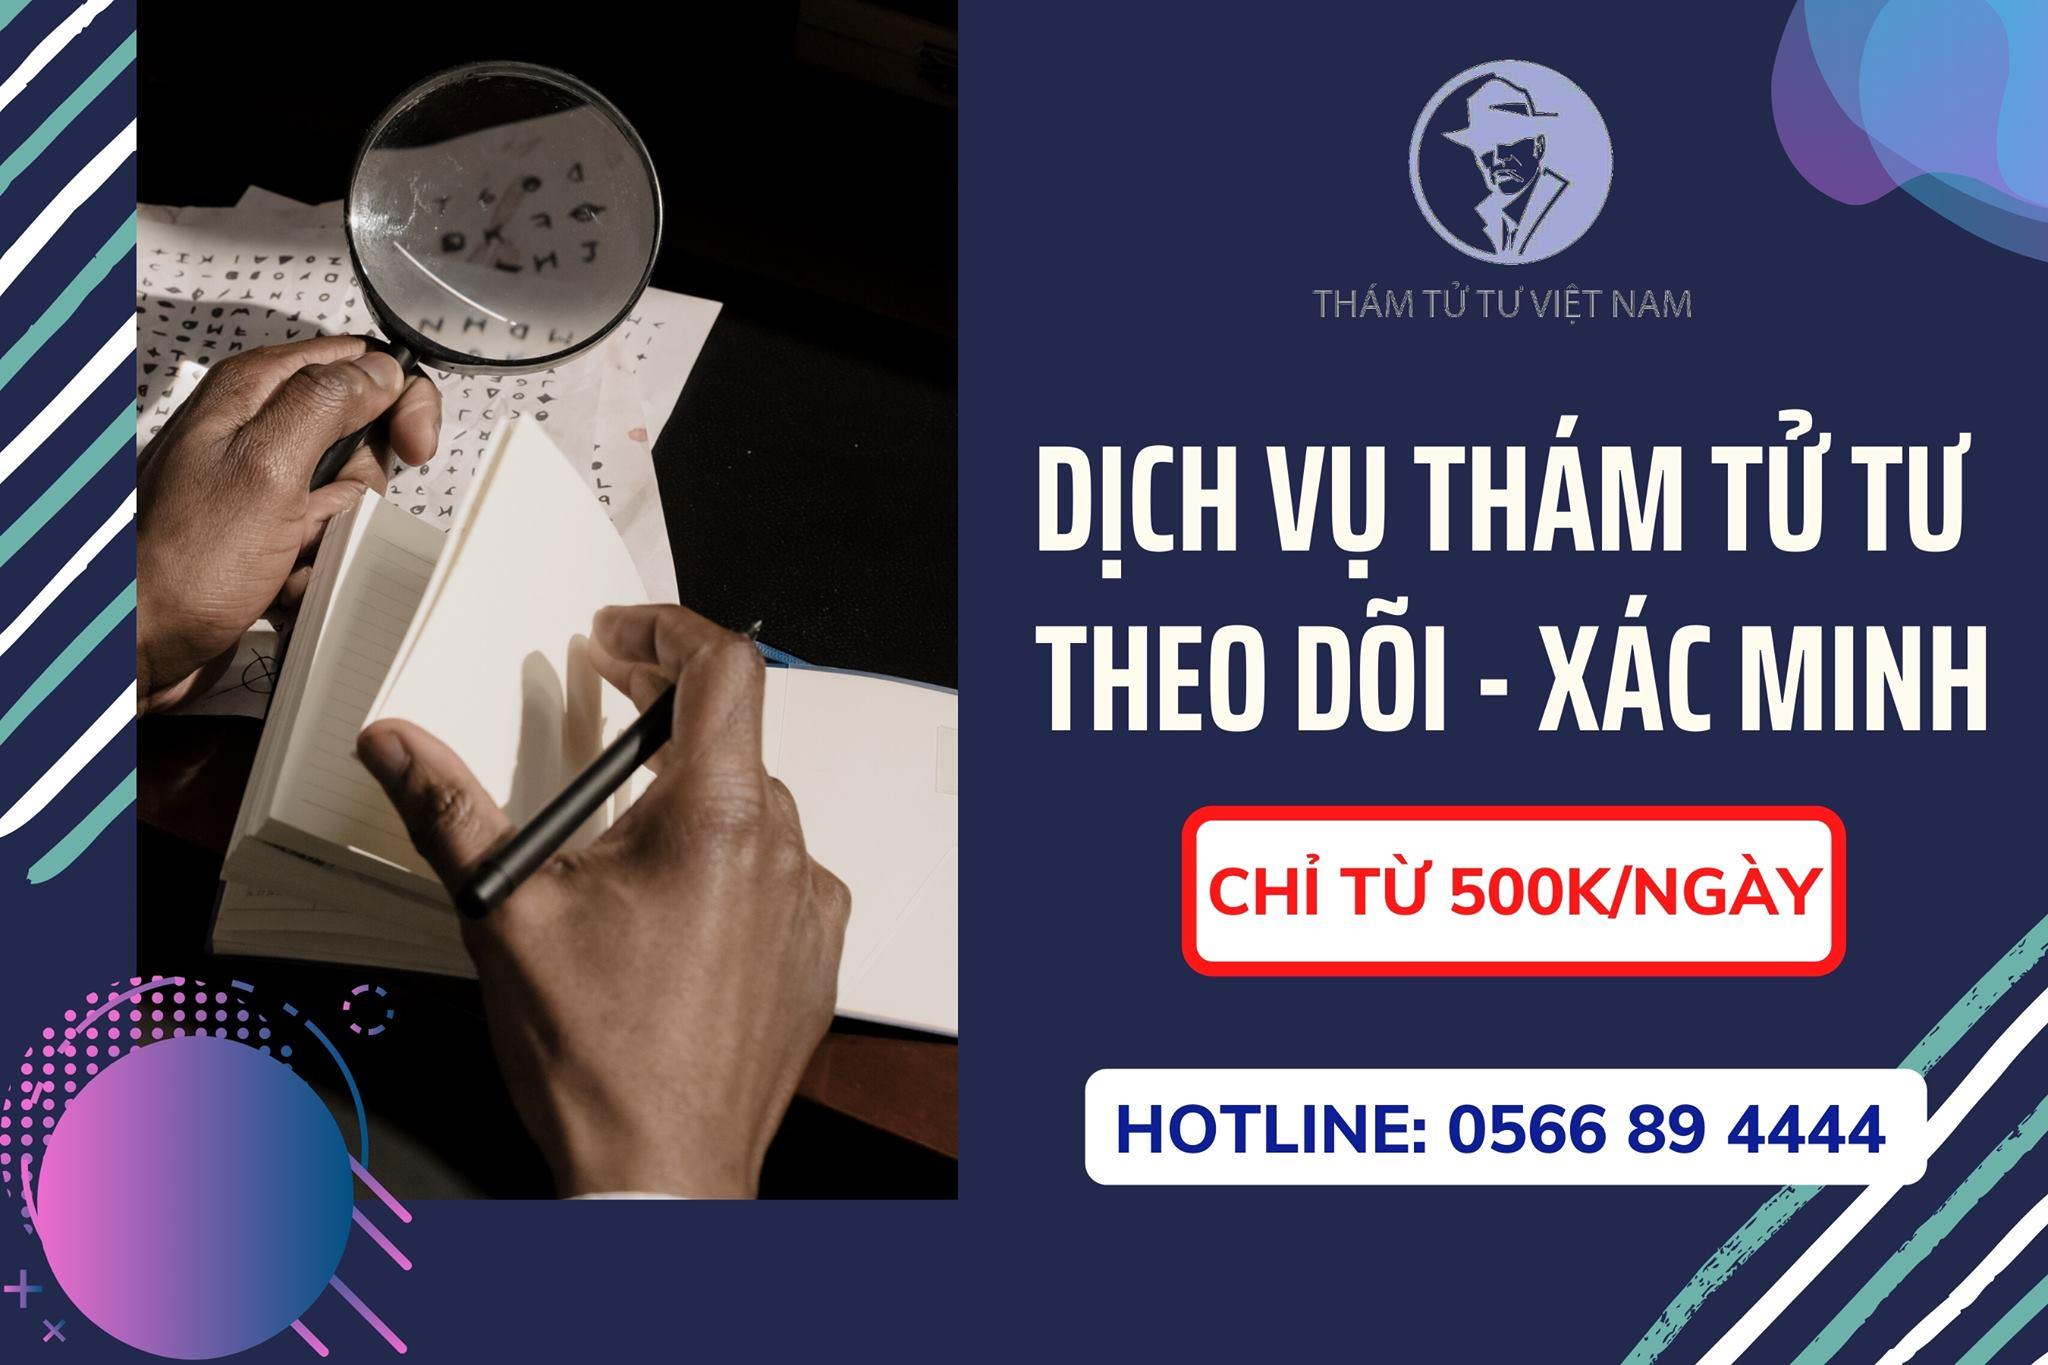 Một số điều bạn cần biết khi thuê thám tử tư chuyên nghiệp tại Hà Nội